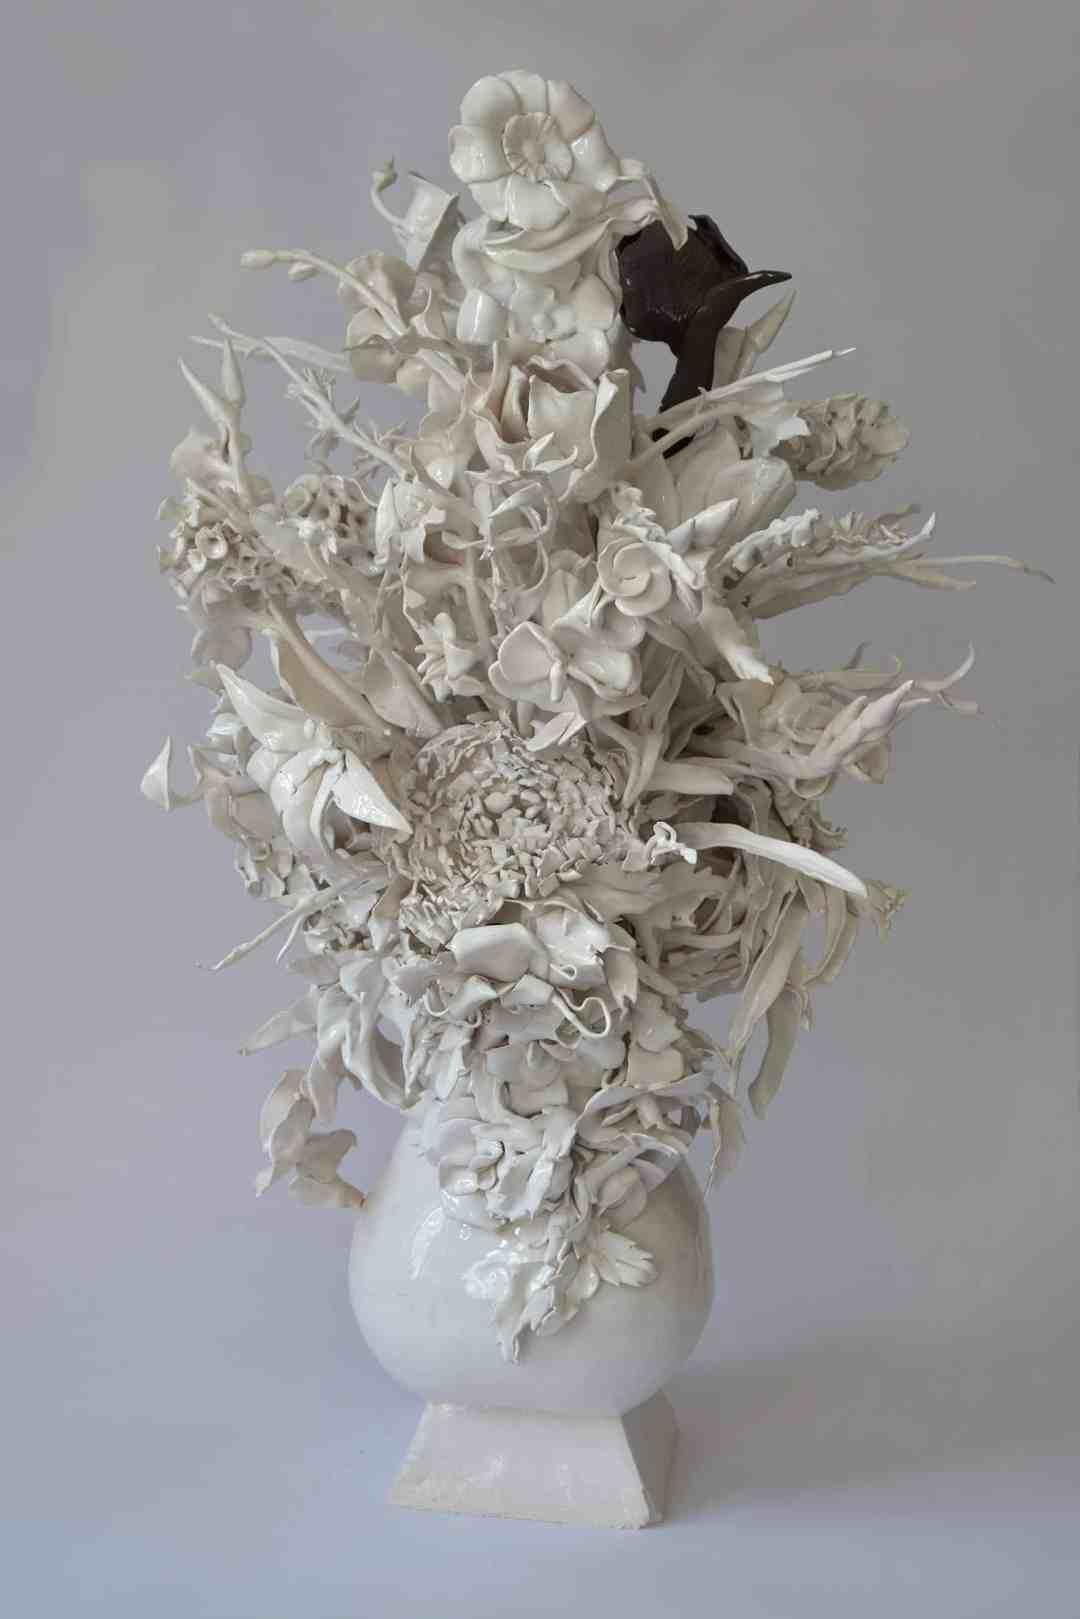 Wojciech Ireneusz Sobczak, Flowers from Lukrecja series, 2018, ceramics